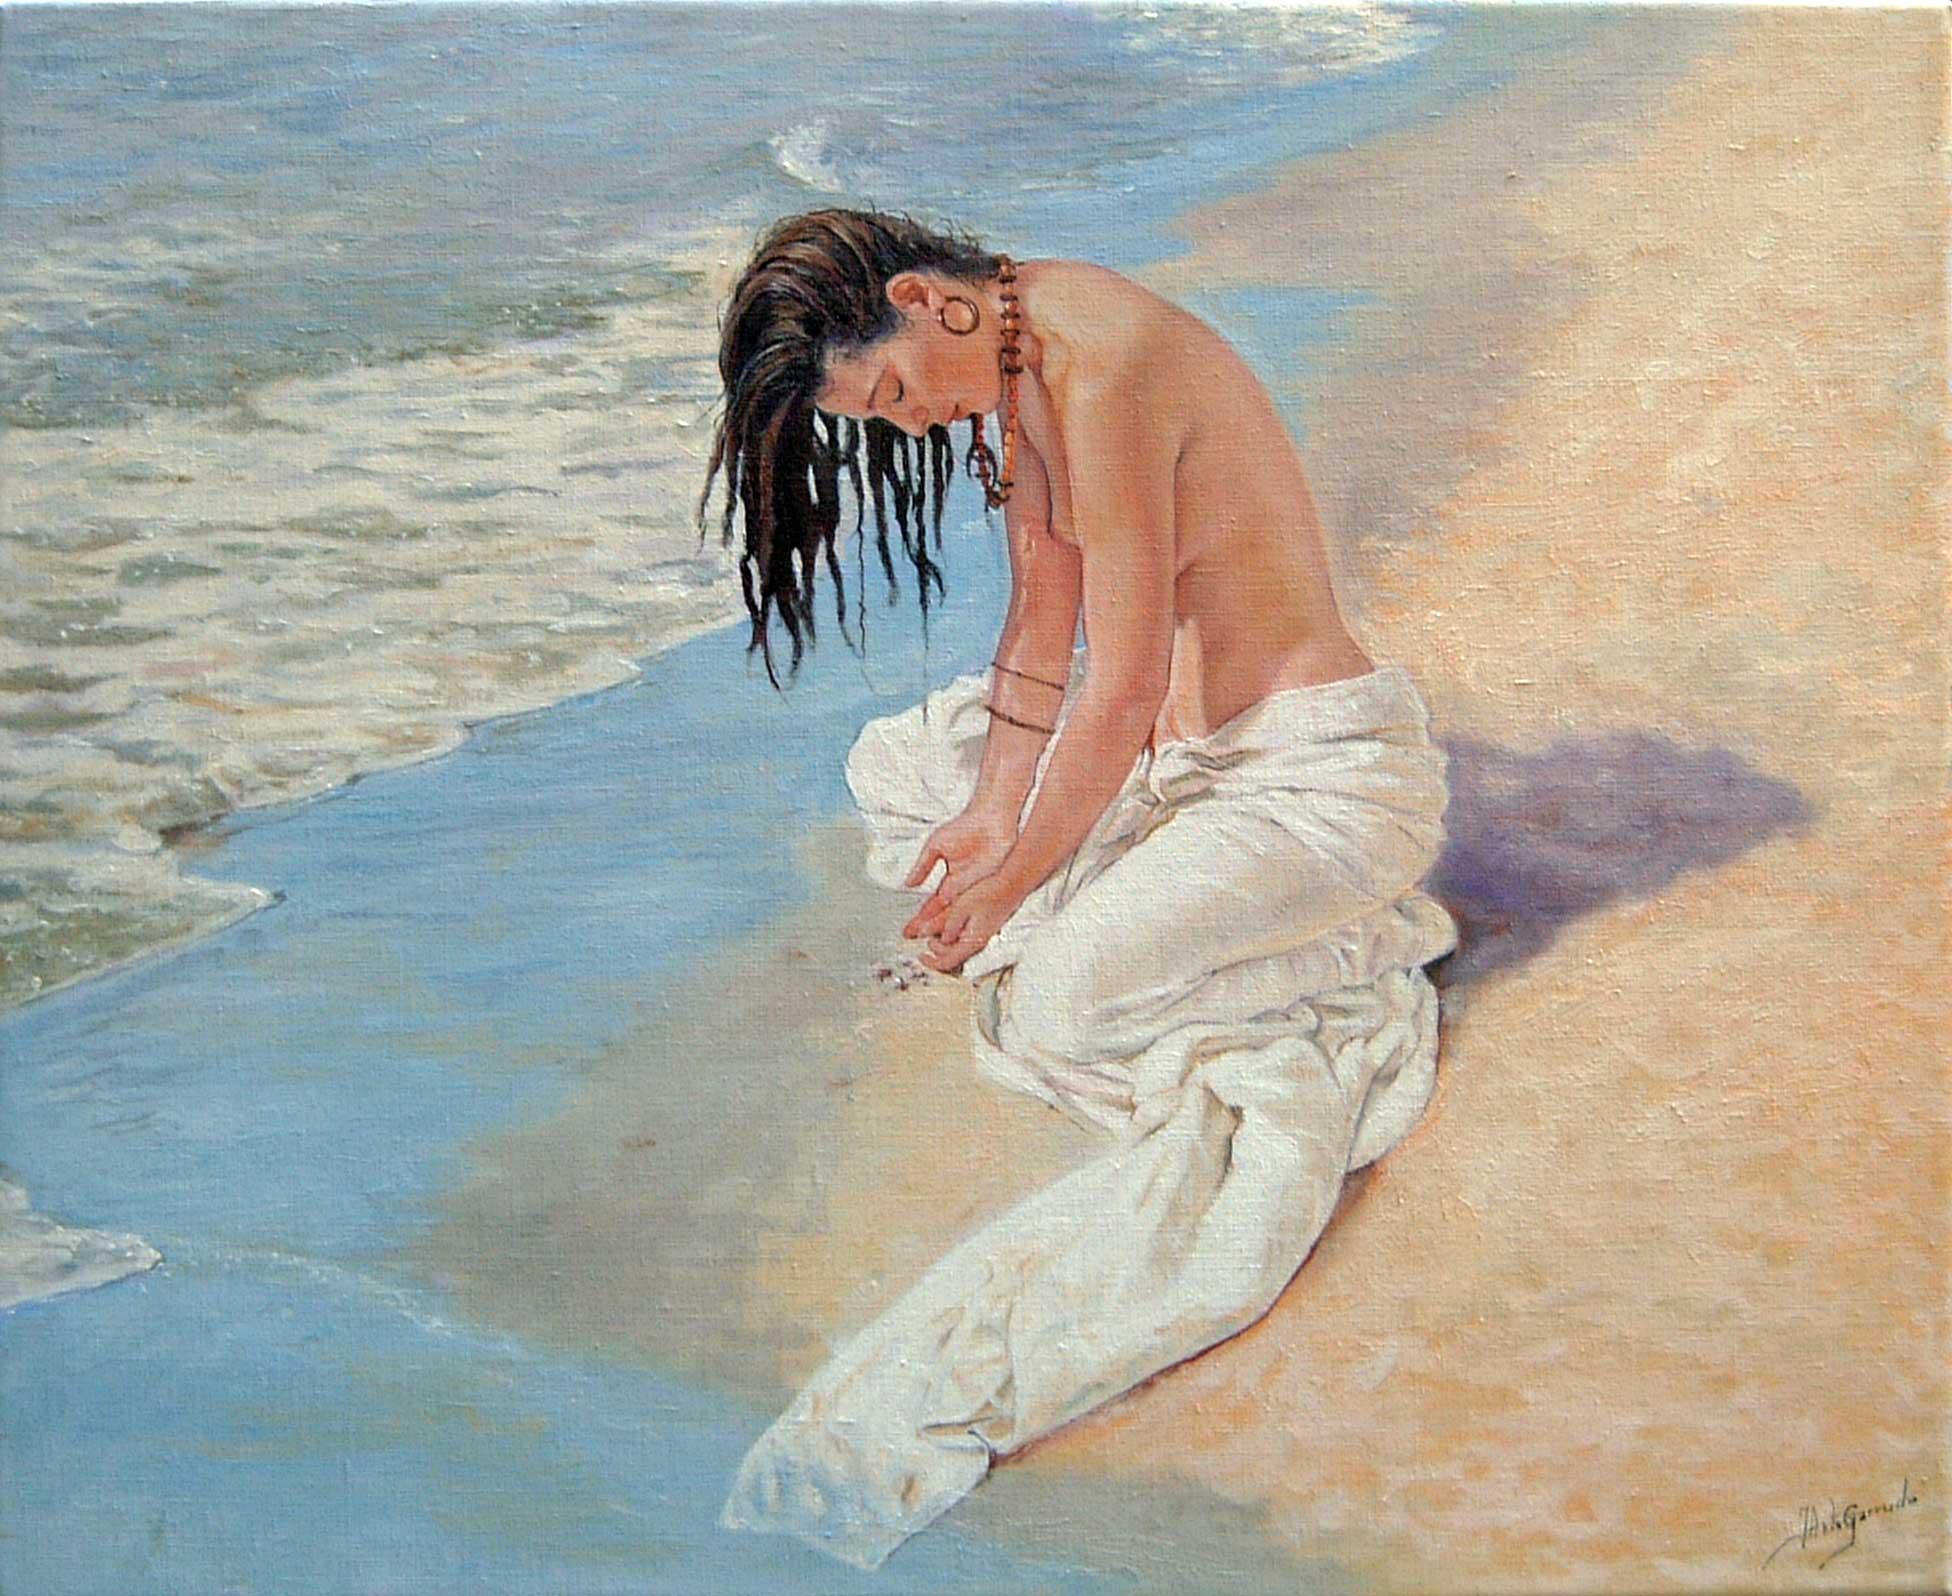 Mujer con rastas en la playa